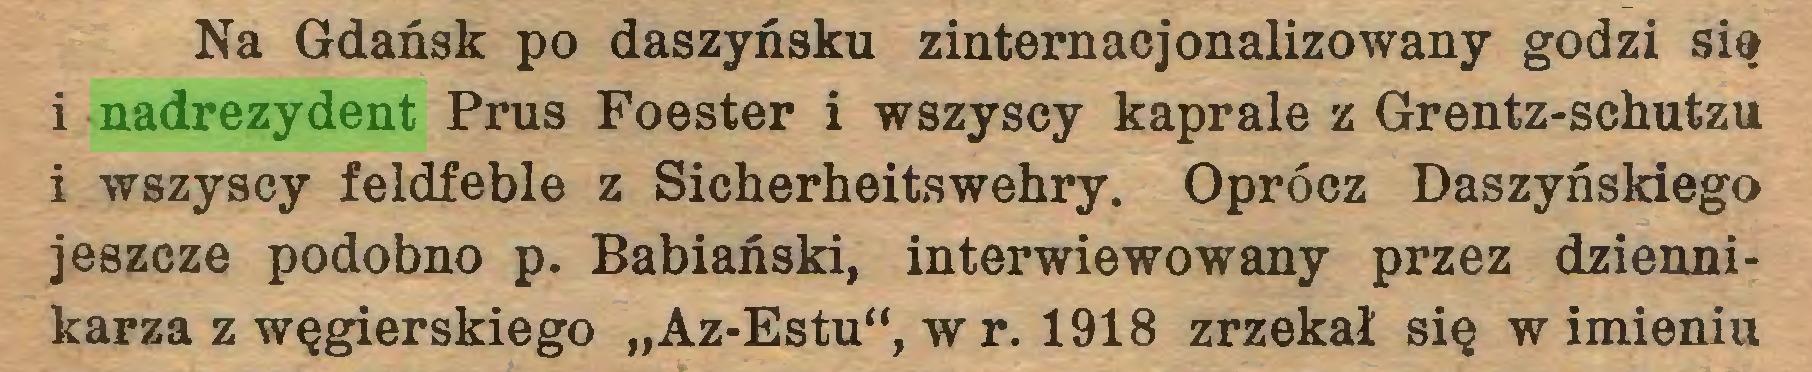 """(...) Na Gdańsk po daszyńsku zinternacjonalizowany godzi się i nadrezydent Prus Foester i wszyscy kaprale z Grentz-schutzu i wszyscy feldfeble z Sicherheitswehry. Oprócz Daszyńskiego jeszcze podobno p. Babiański, interwiewowany przez dziennikarza z węgierskiego """"Az-Estu"""", wr. 1918 zrzekał się w imieniu..."""